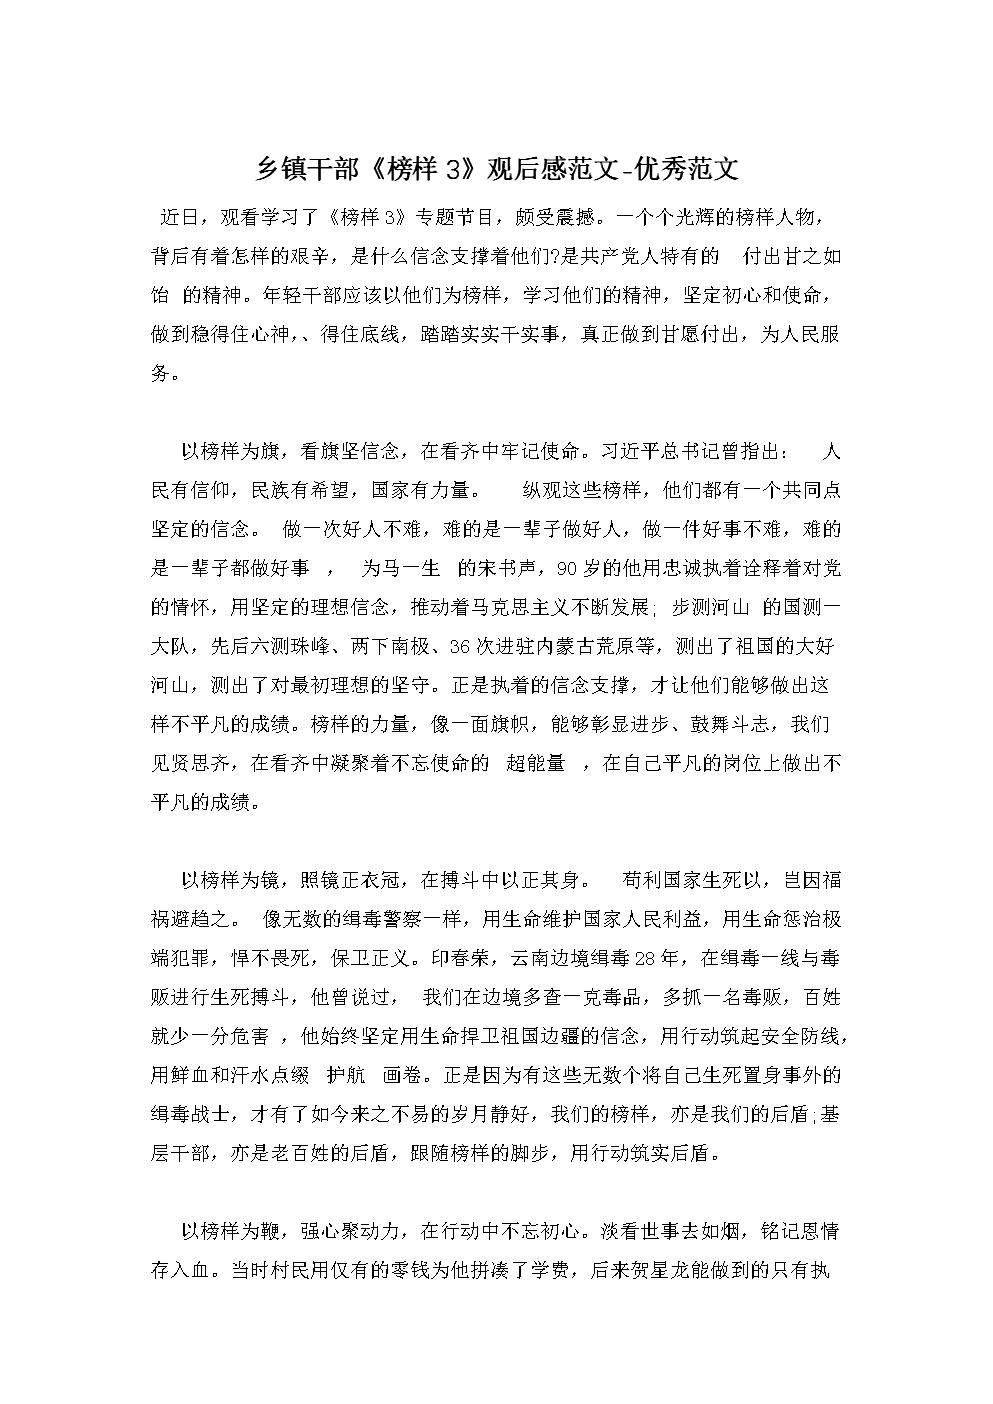 乡镇干部《榜样3》观后感范文-优秀范文.doc